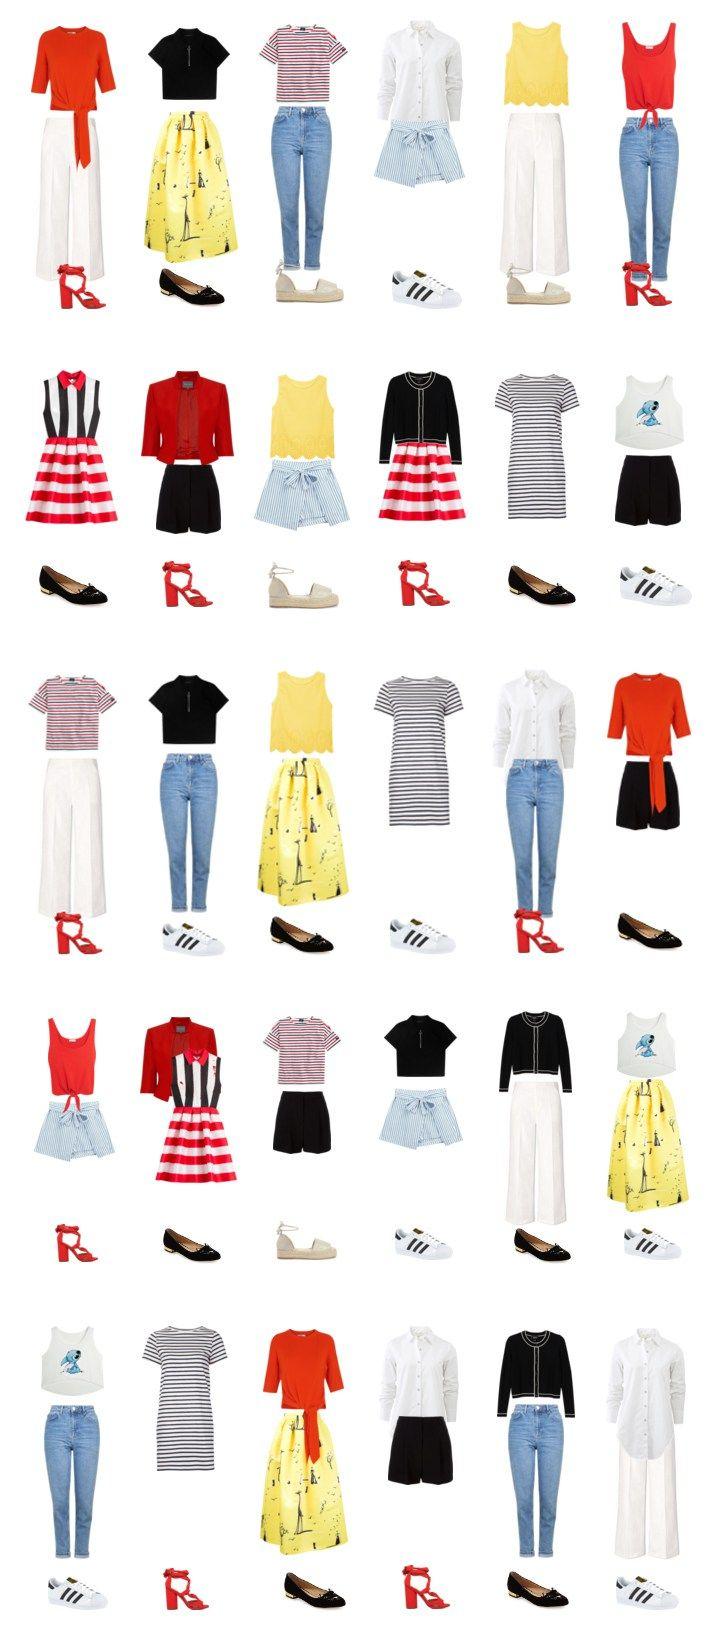 Капсульный гардероб на лето: 30 образов из 20 вещей на www.wearnissage.com / Capsule wardrobe for summer: 20 pieces - 30 outfits on www.wearnissage.com #capsulewardrobe #summer #summerwardrobe #20pieceswardrobe #style #classic #капсульныйгардероб #стиль #outfits #мода  #шопинг #советыстилиста #wearnissage #летнийгардероб #чтоноситьлетом #капсуланалето #капсула #summercapsule #minimal